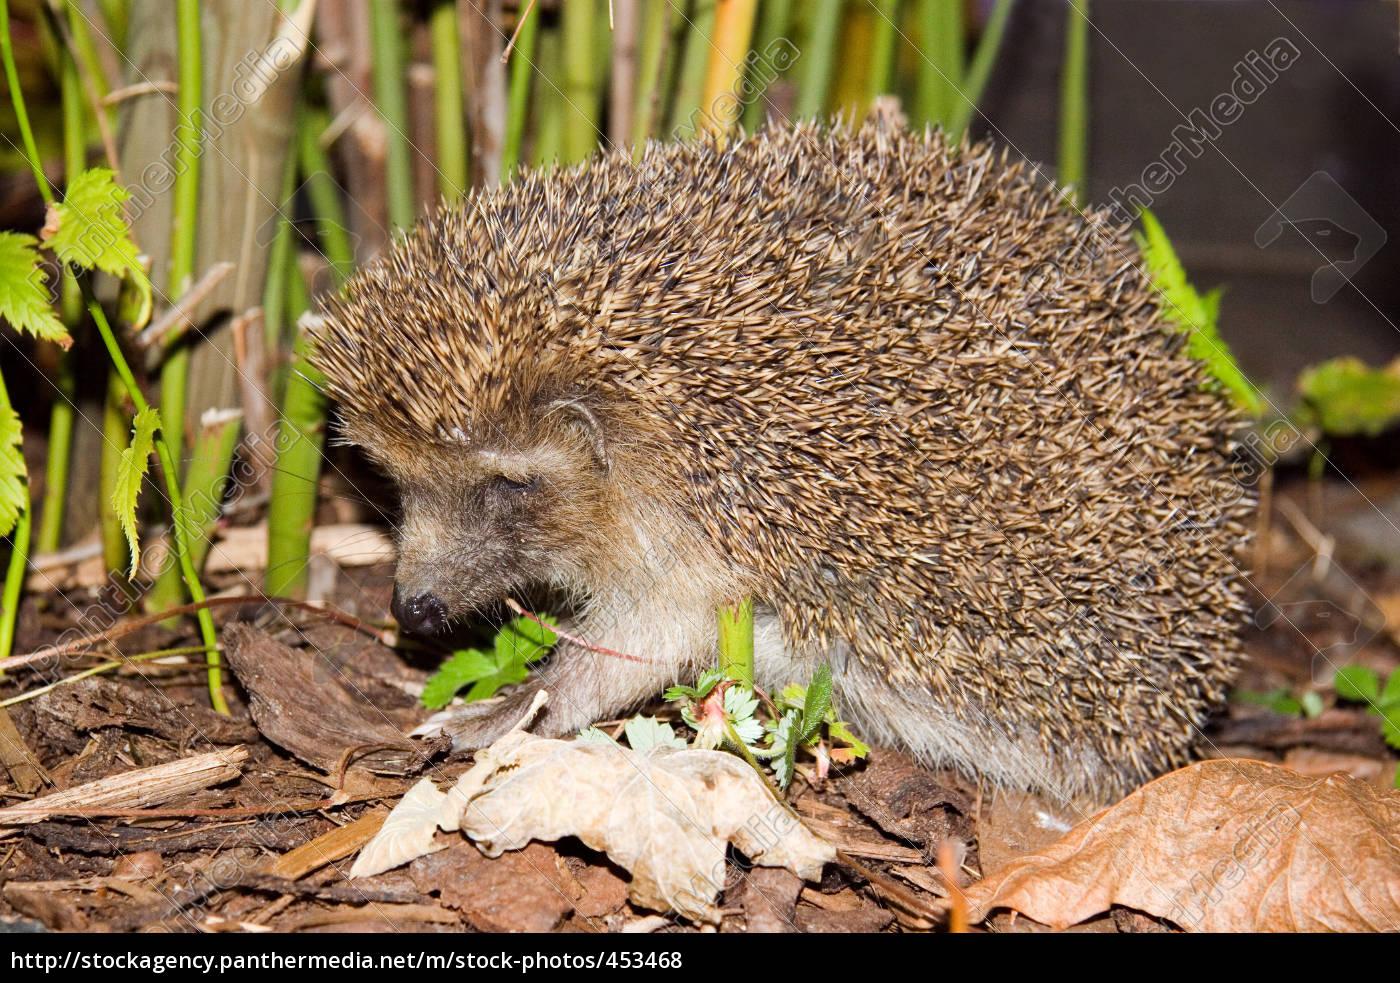 scheuer, hedgehog - 453468